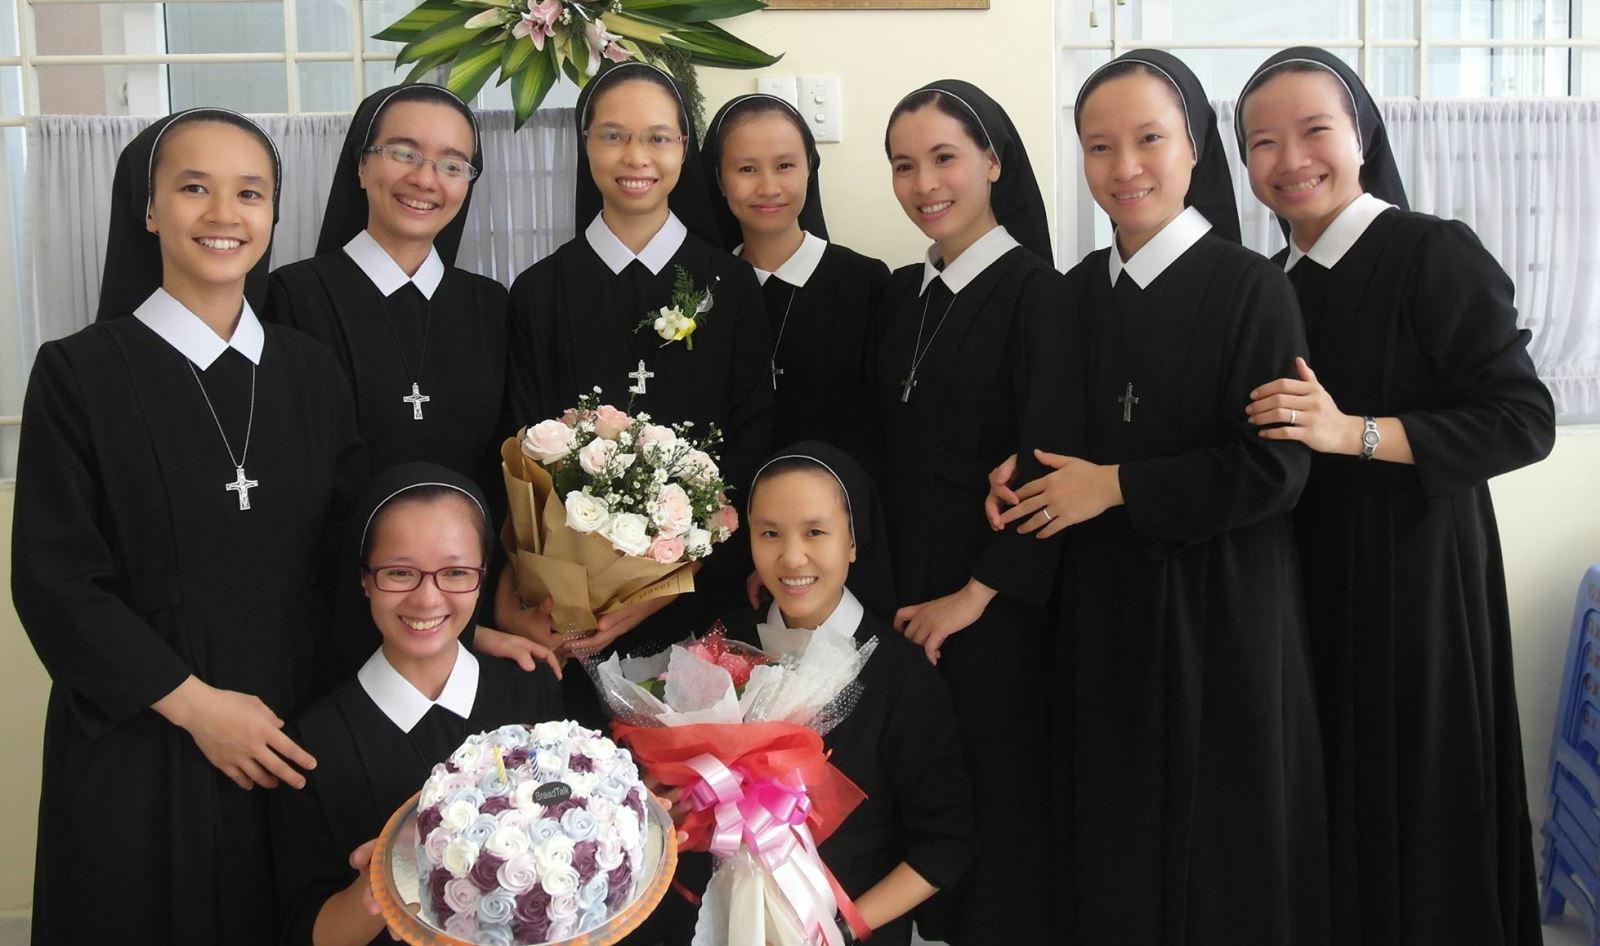 Tinh thần phục vụ trong yêu thương của các nữ tu Công giáo (13/9/2019)